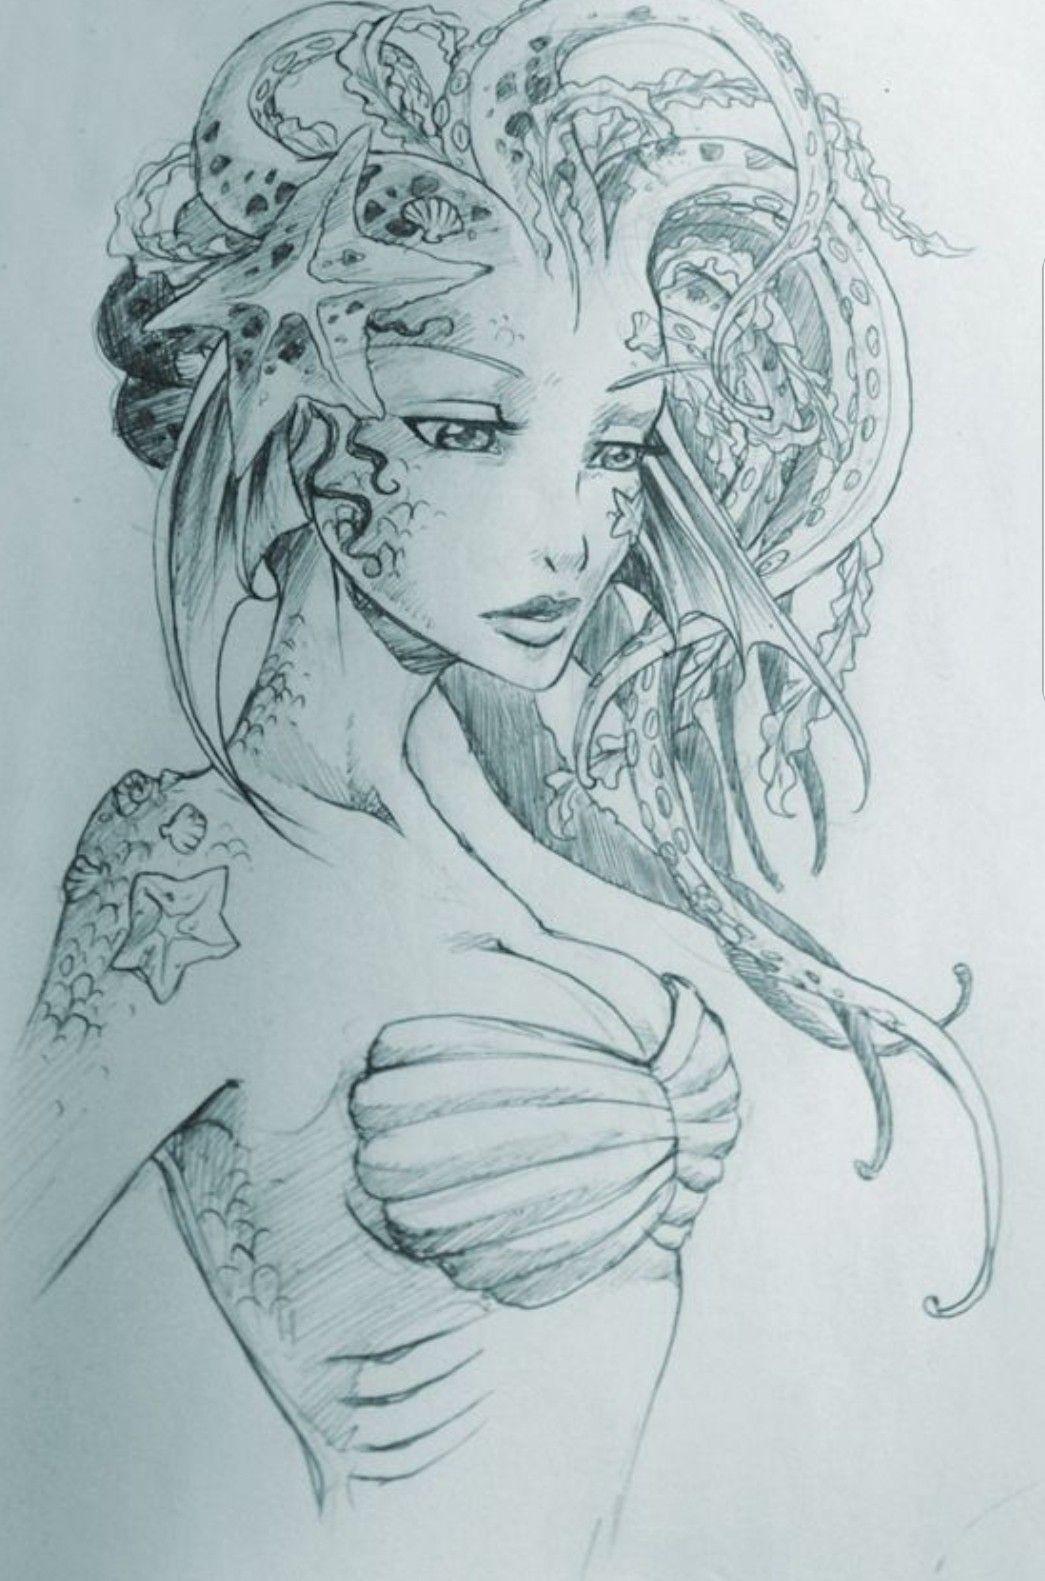 Mermaid tattoo idea